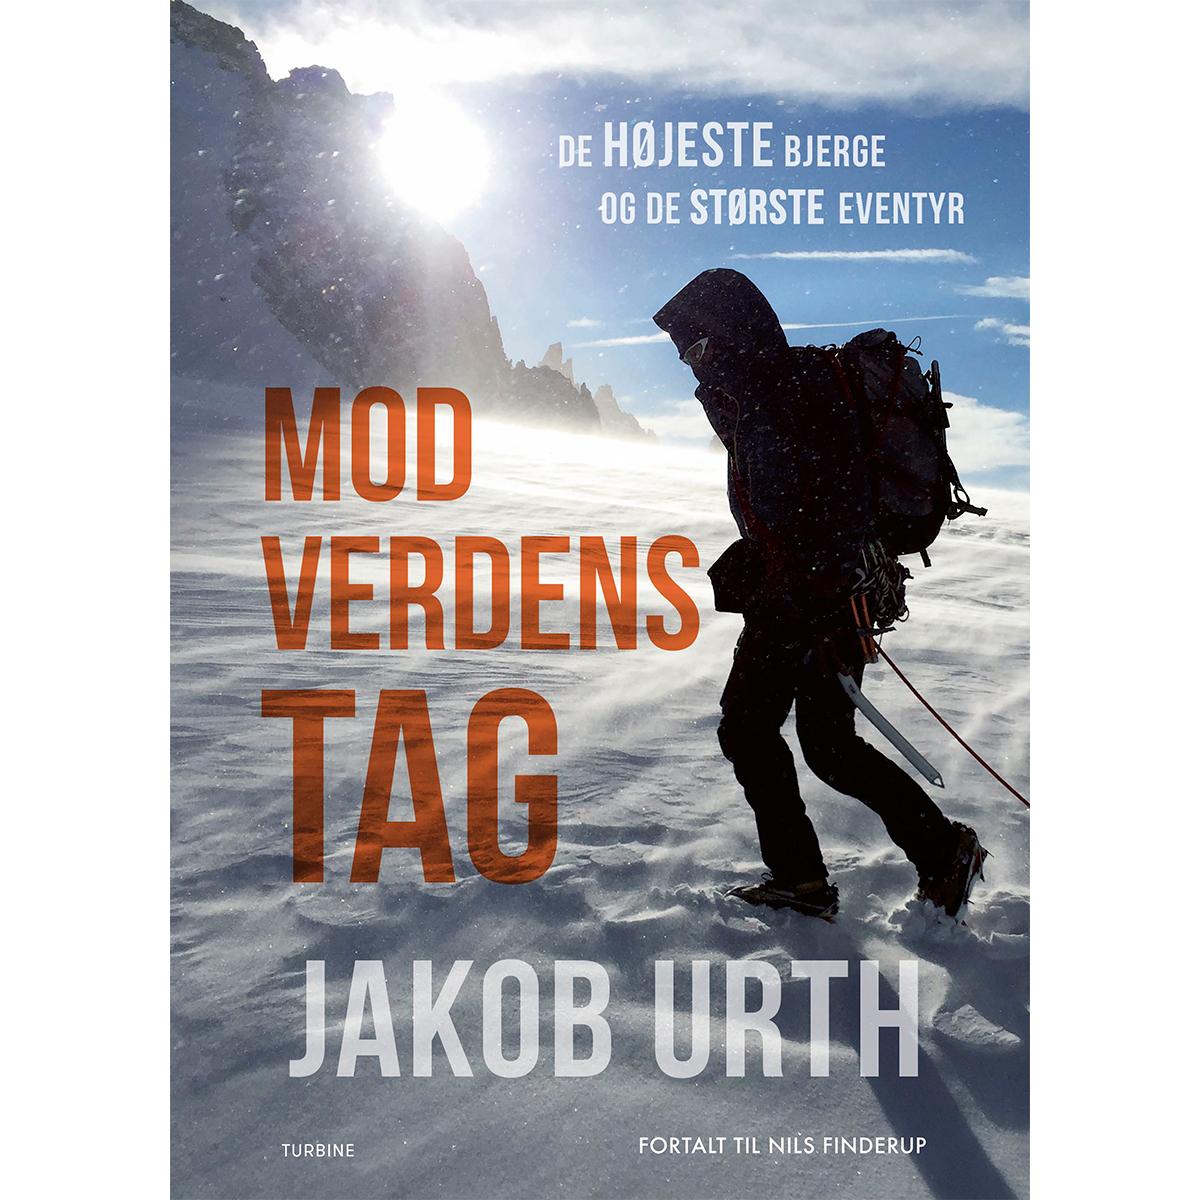 Mod verdens tag - De højeste bjerge og de største eventyr - Hardback